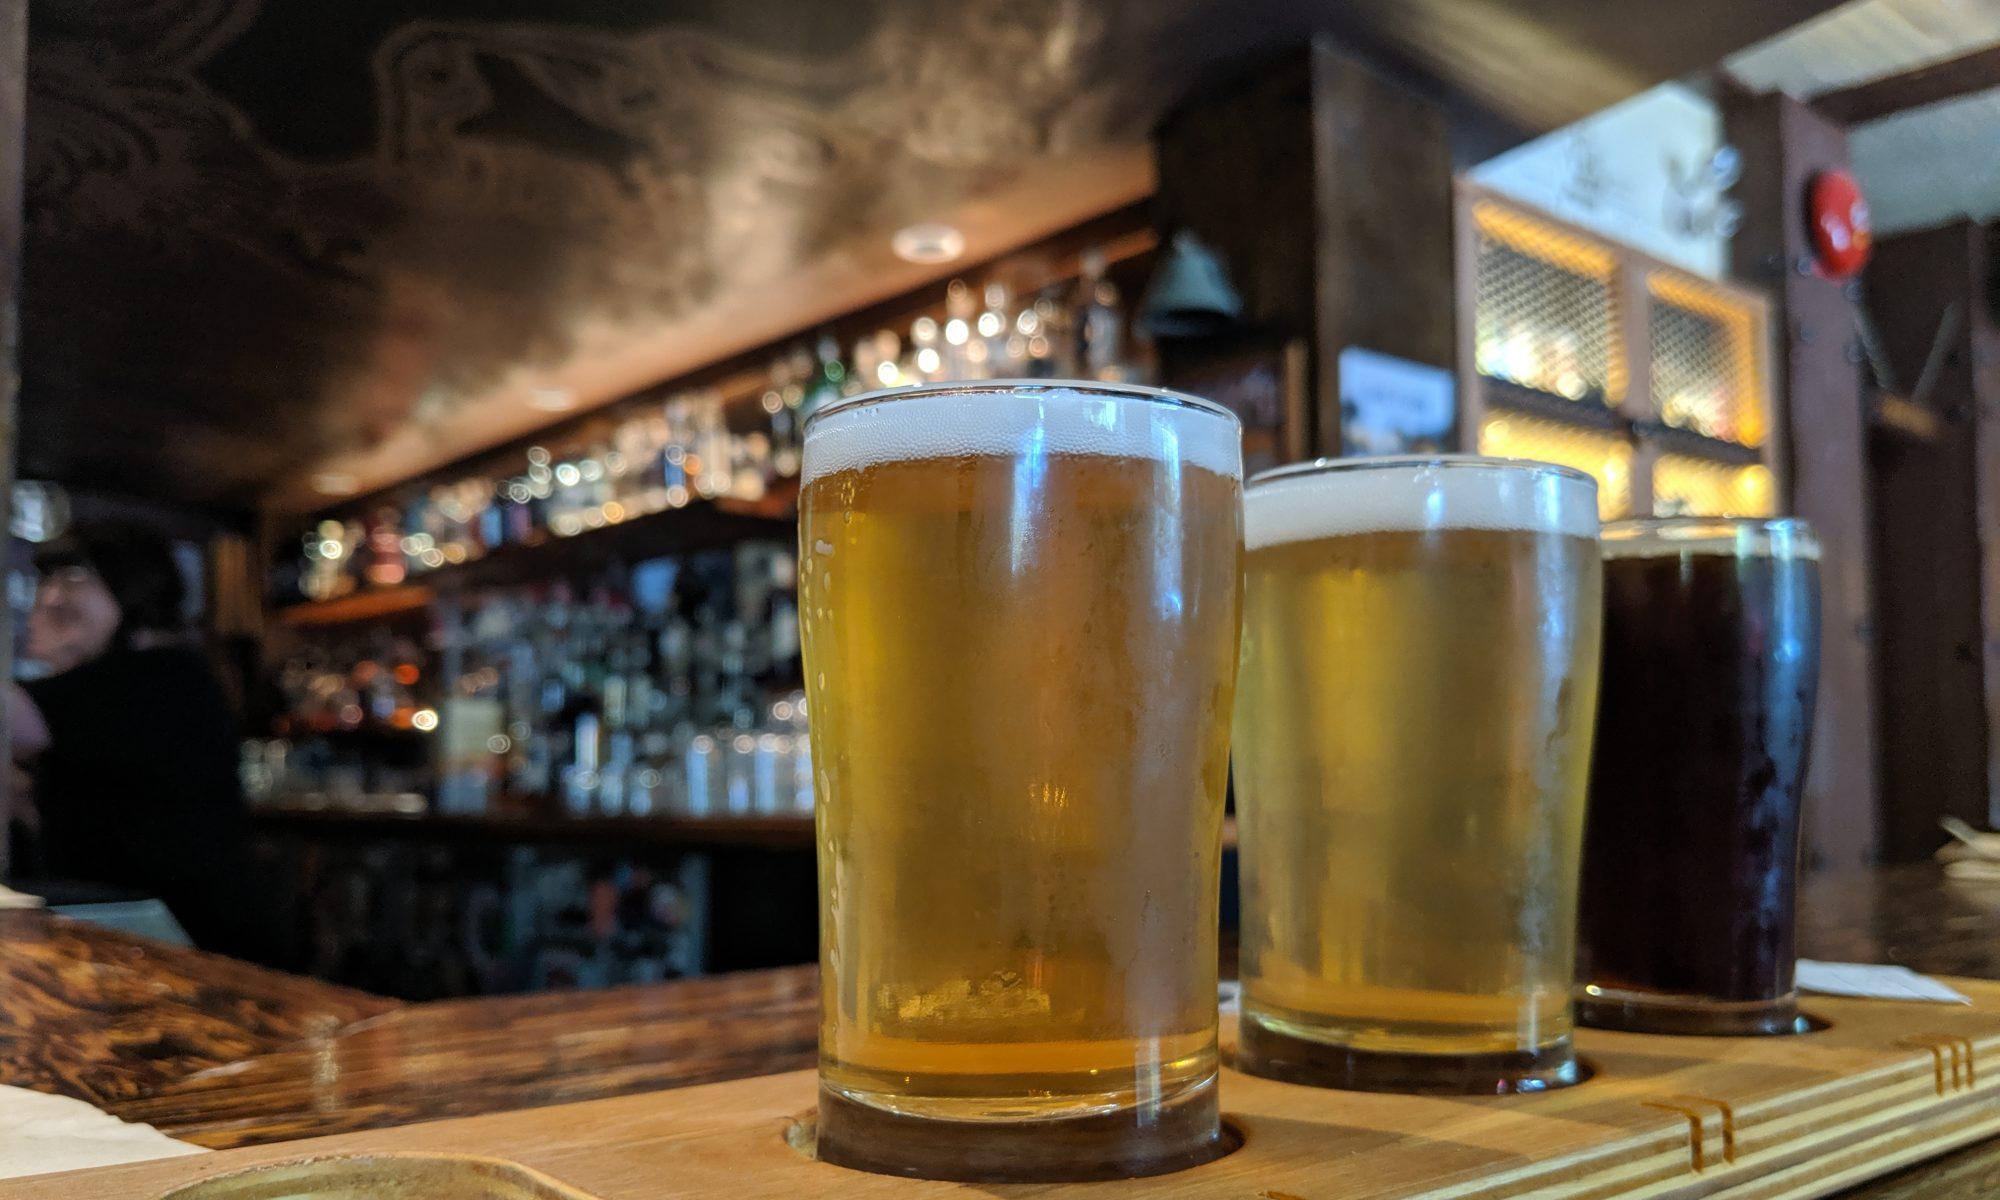 Matter of Beer